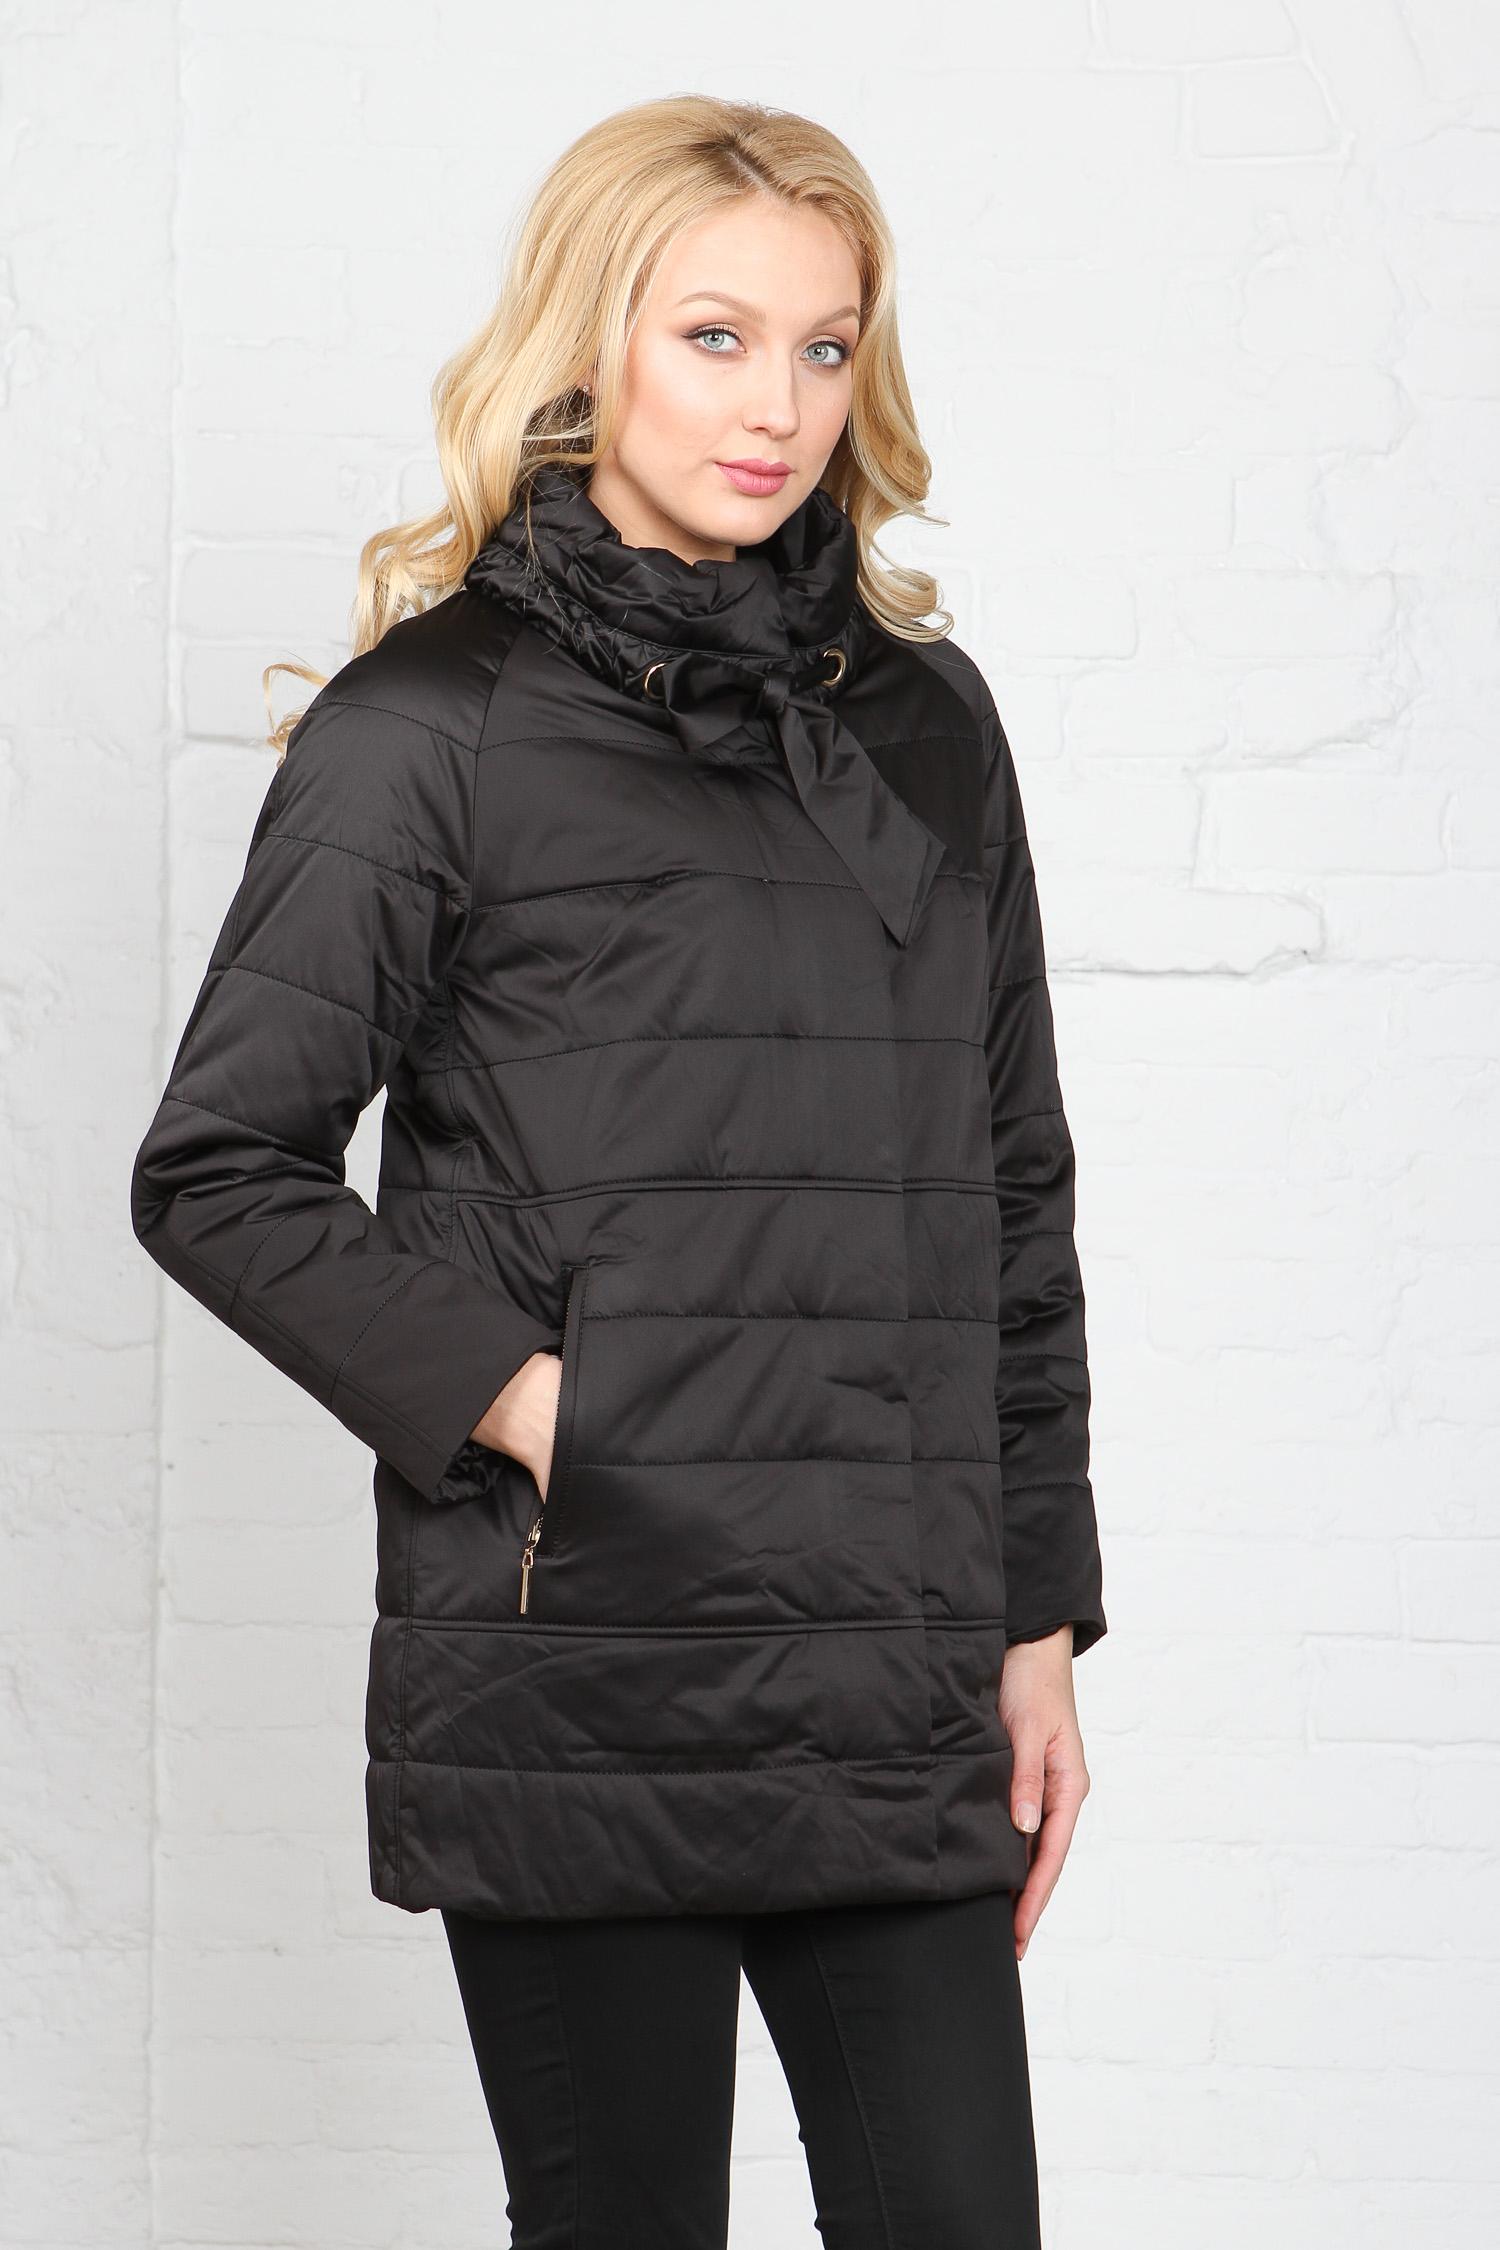 Куртка женская из текстиля с воротником, без отделки<br><br>Воротник: стойка<br>Длина см: Средняя (75-89 )<br>Материал: Текстиль<br>Цвет: черный<br>Вид застежки: центральная<br>Застежка: на молнии<br>Пол: Женский<br>Размер RU: 48